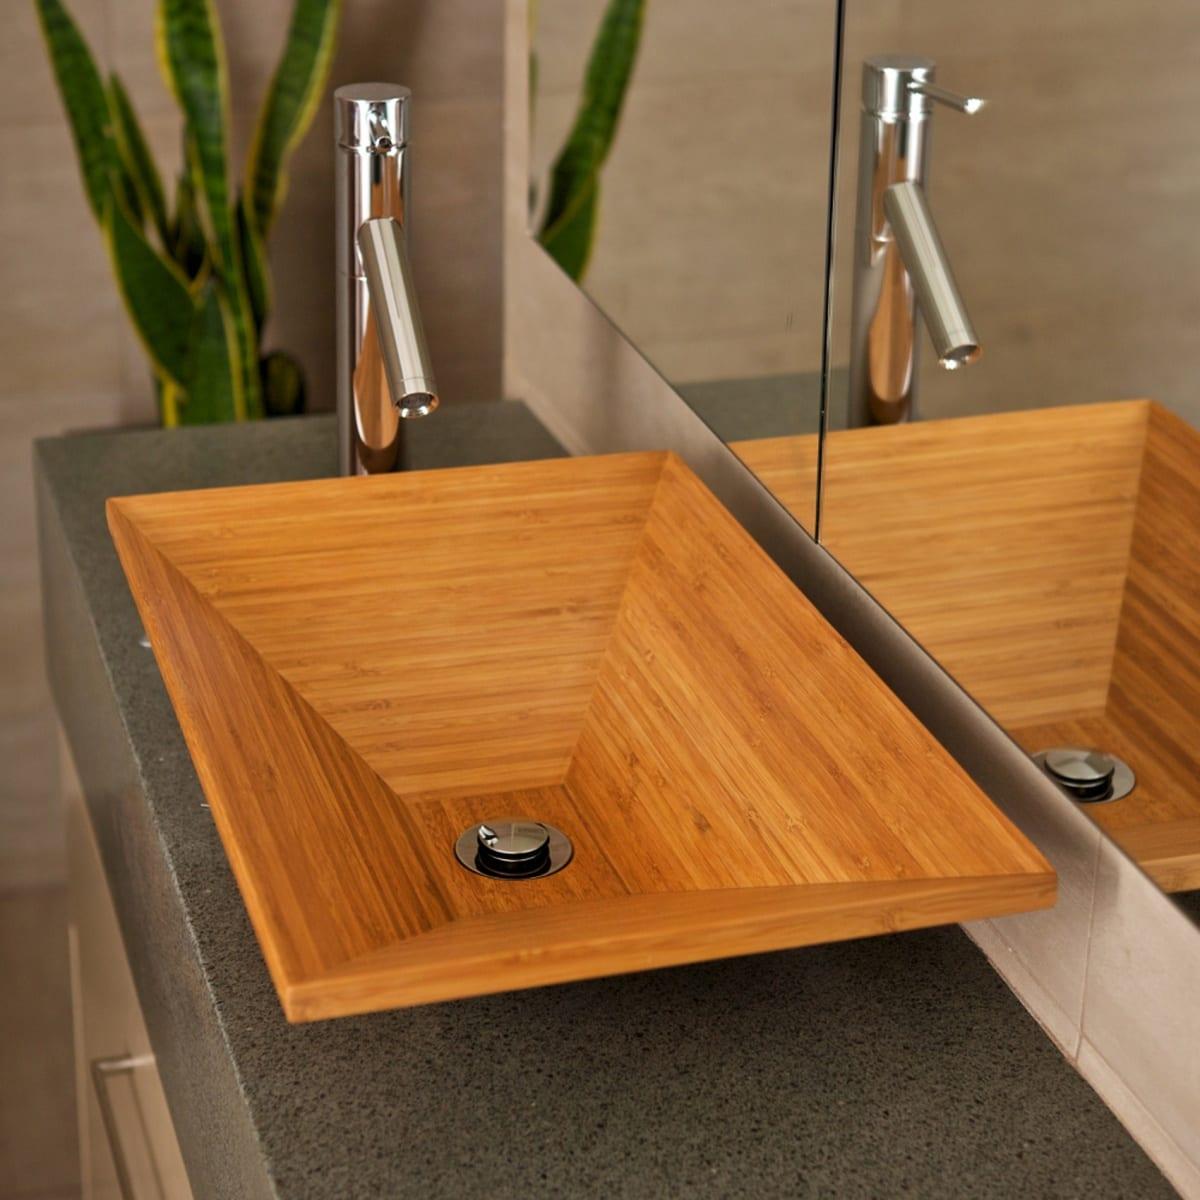 Bambus möbeln fürs Badezimmer- Naturstein Wassertisch mit Bambuswaschbecken